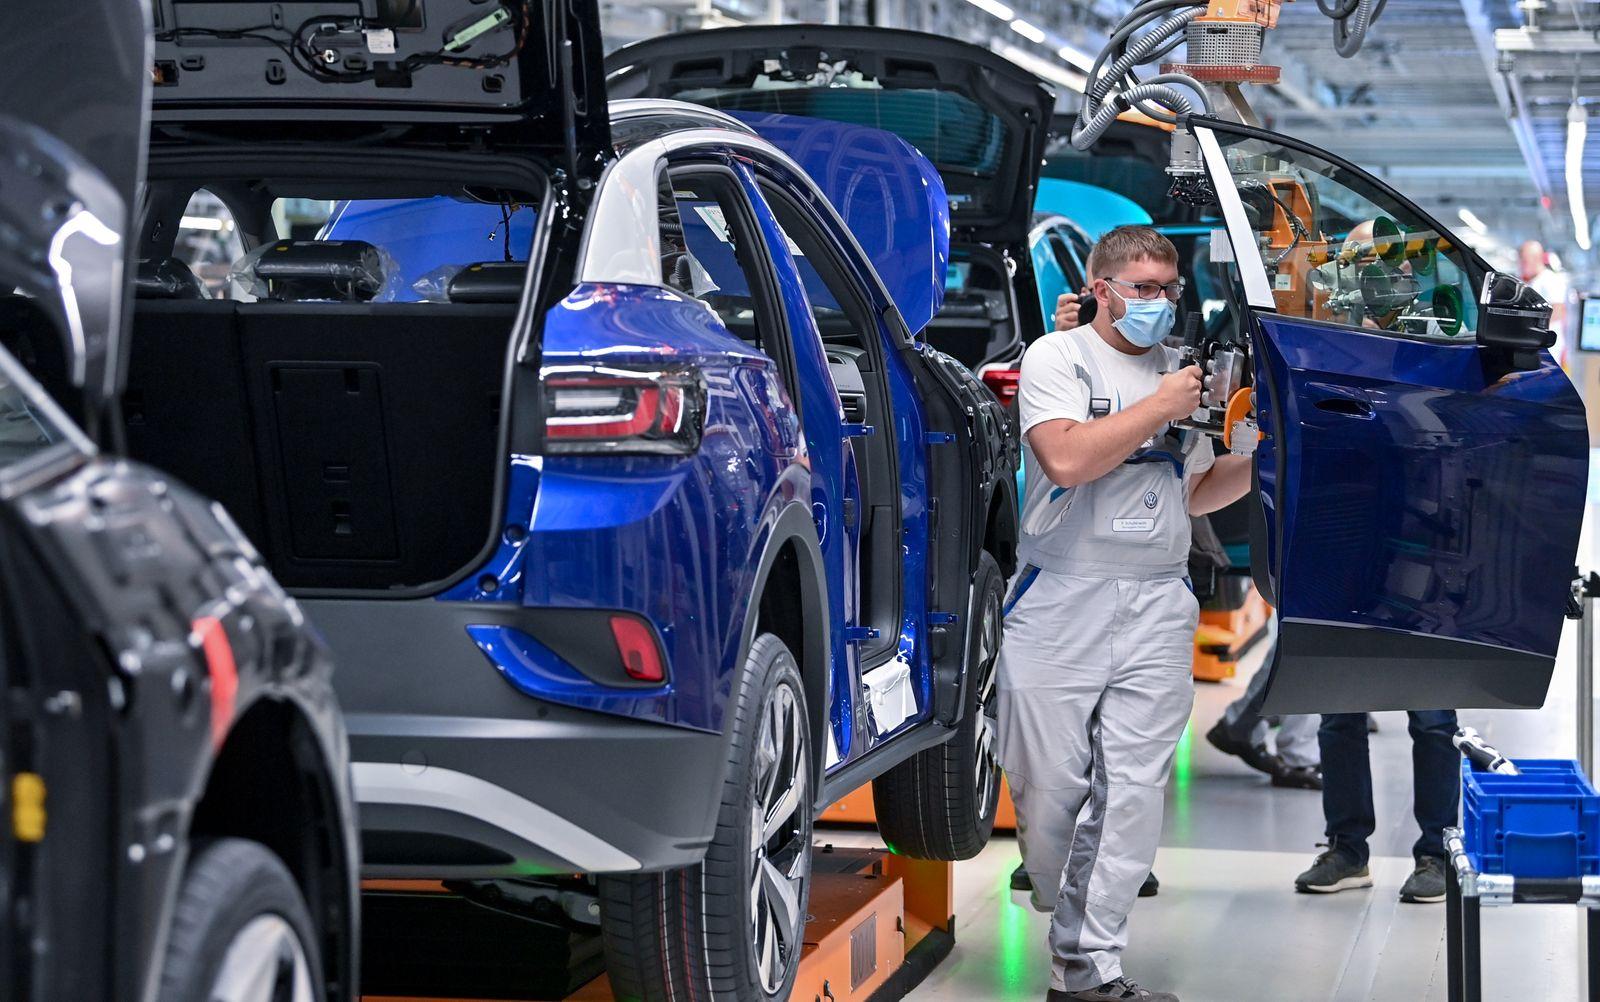 Produktion des ID.4 bei Volkswagen